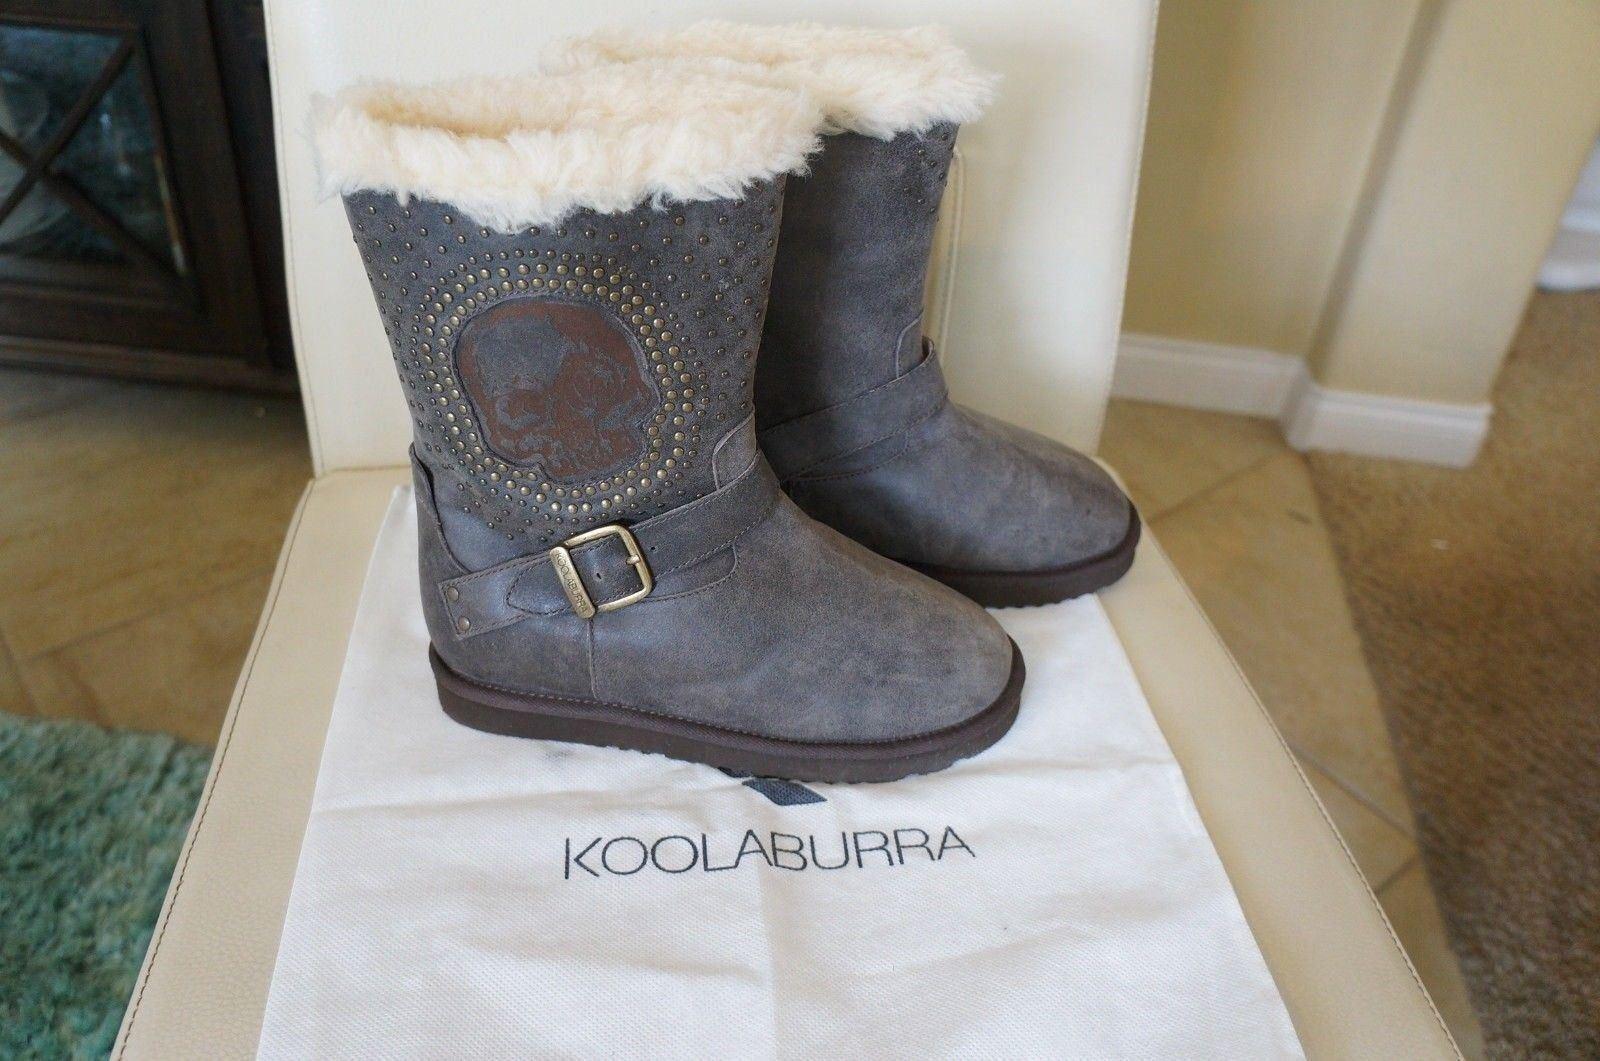 Nuevo estilo de KOOLABURRA Cuero helexa Moto 9  de de de alto Shearling botas Duna Talla 7  tienda hace compras y ventas